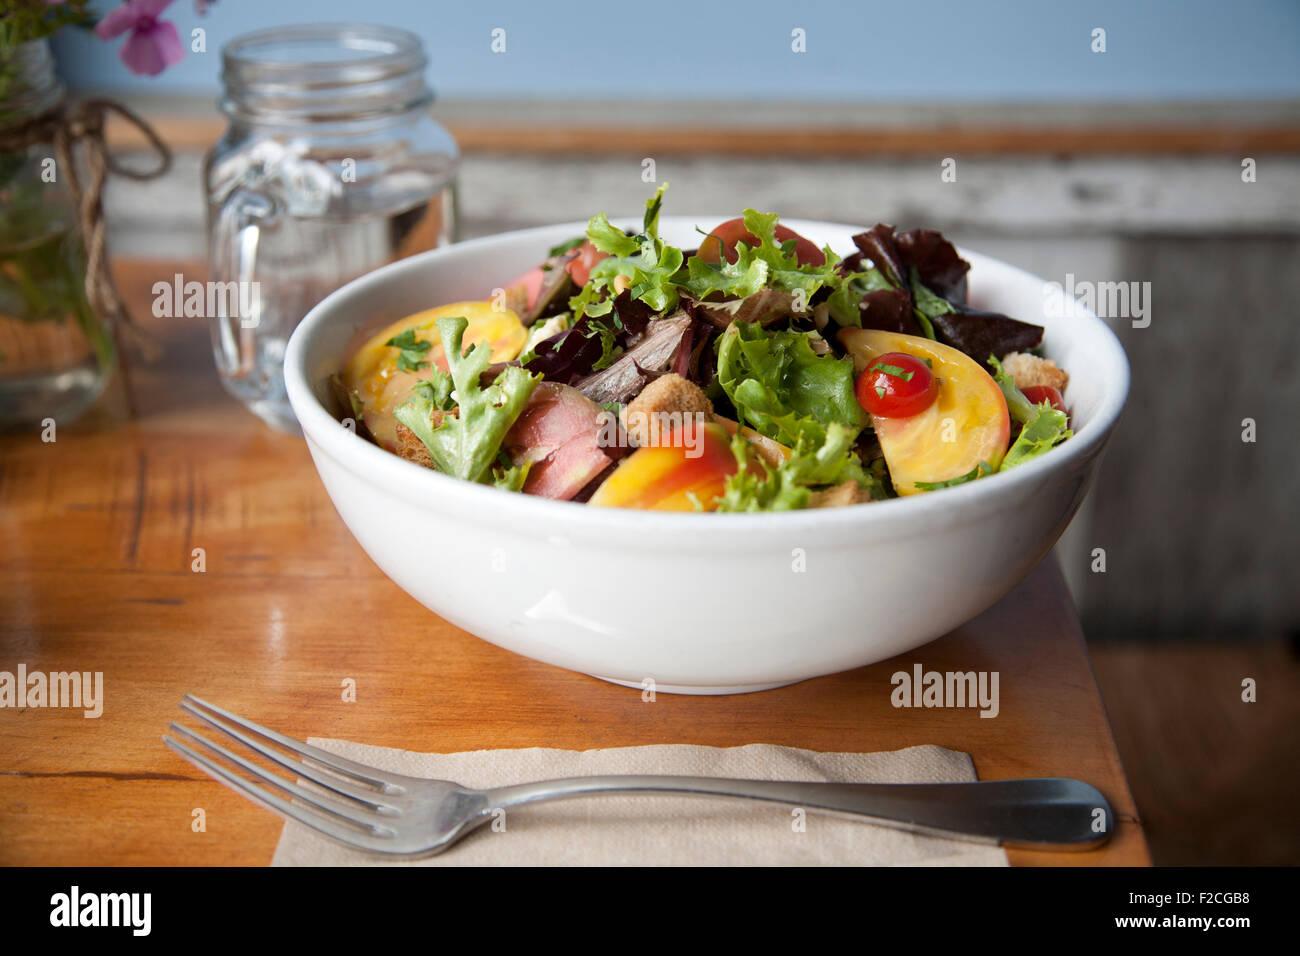 Seitenansicht der Salat in weiße Schüssel mit Gabel, Serviette, Stockbild